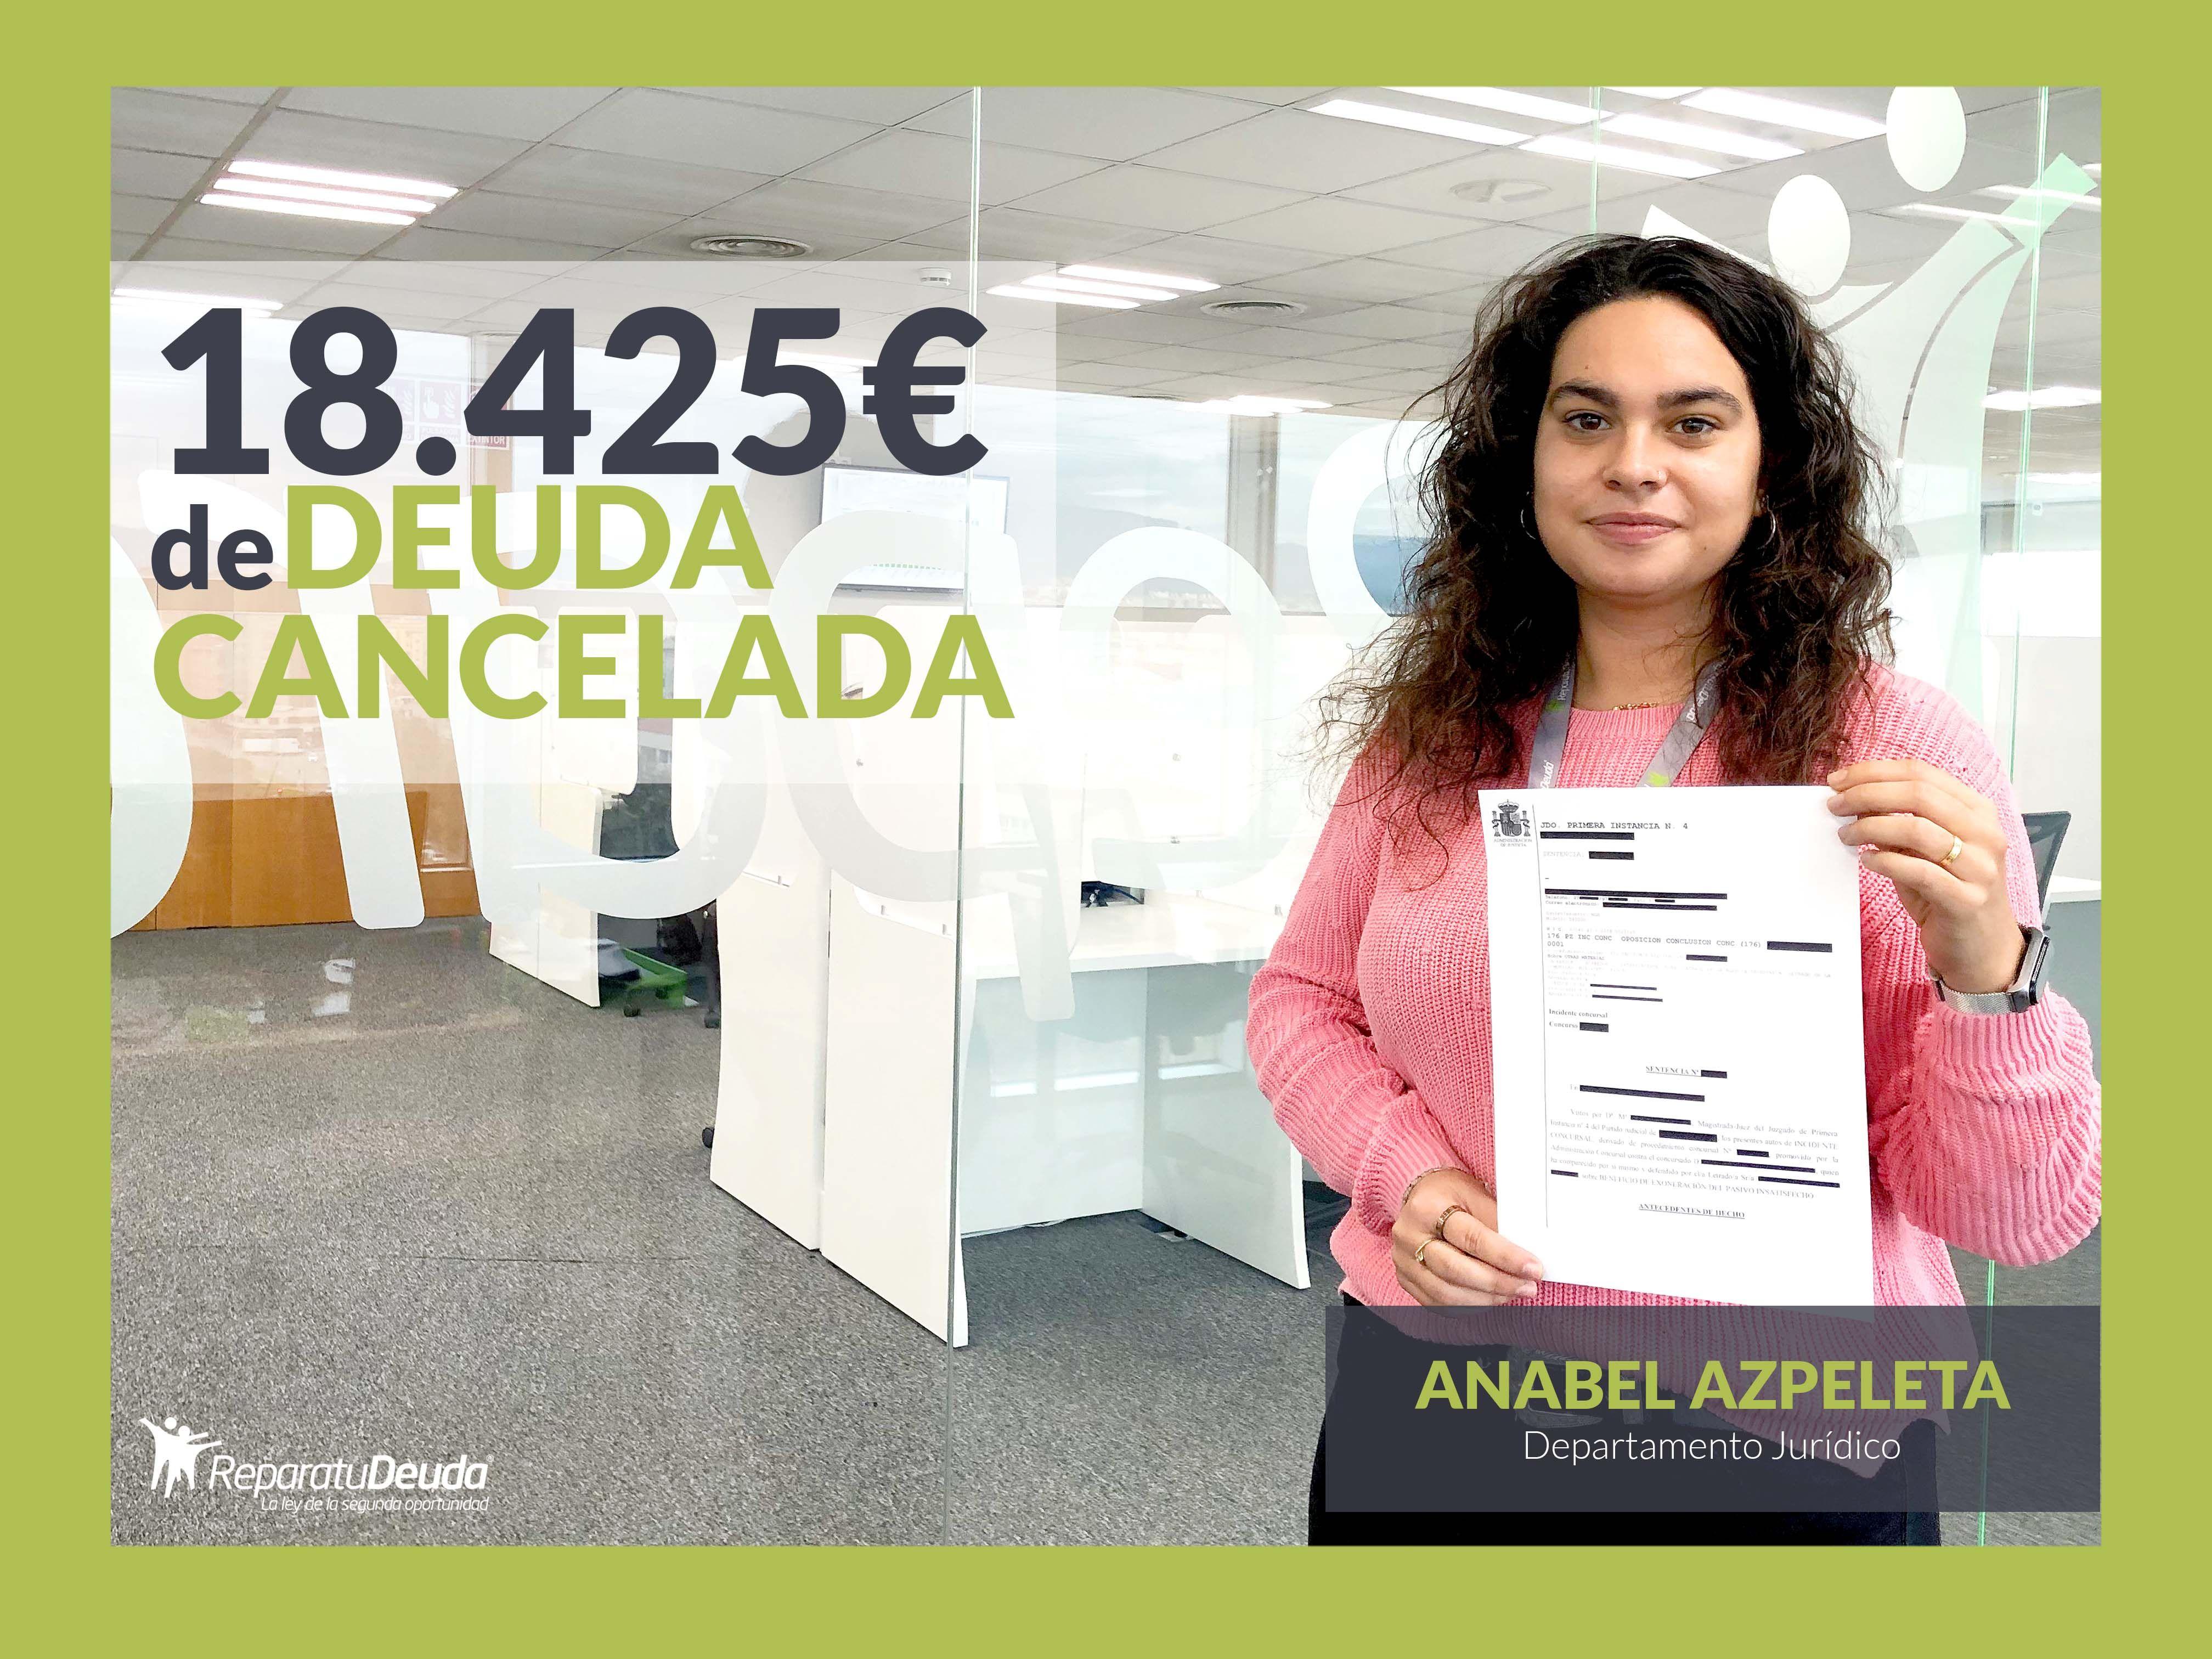 Repara tu Deuda abogados cancela 18.452 ? en Madrid con la Ley de Segunda Oportunidad